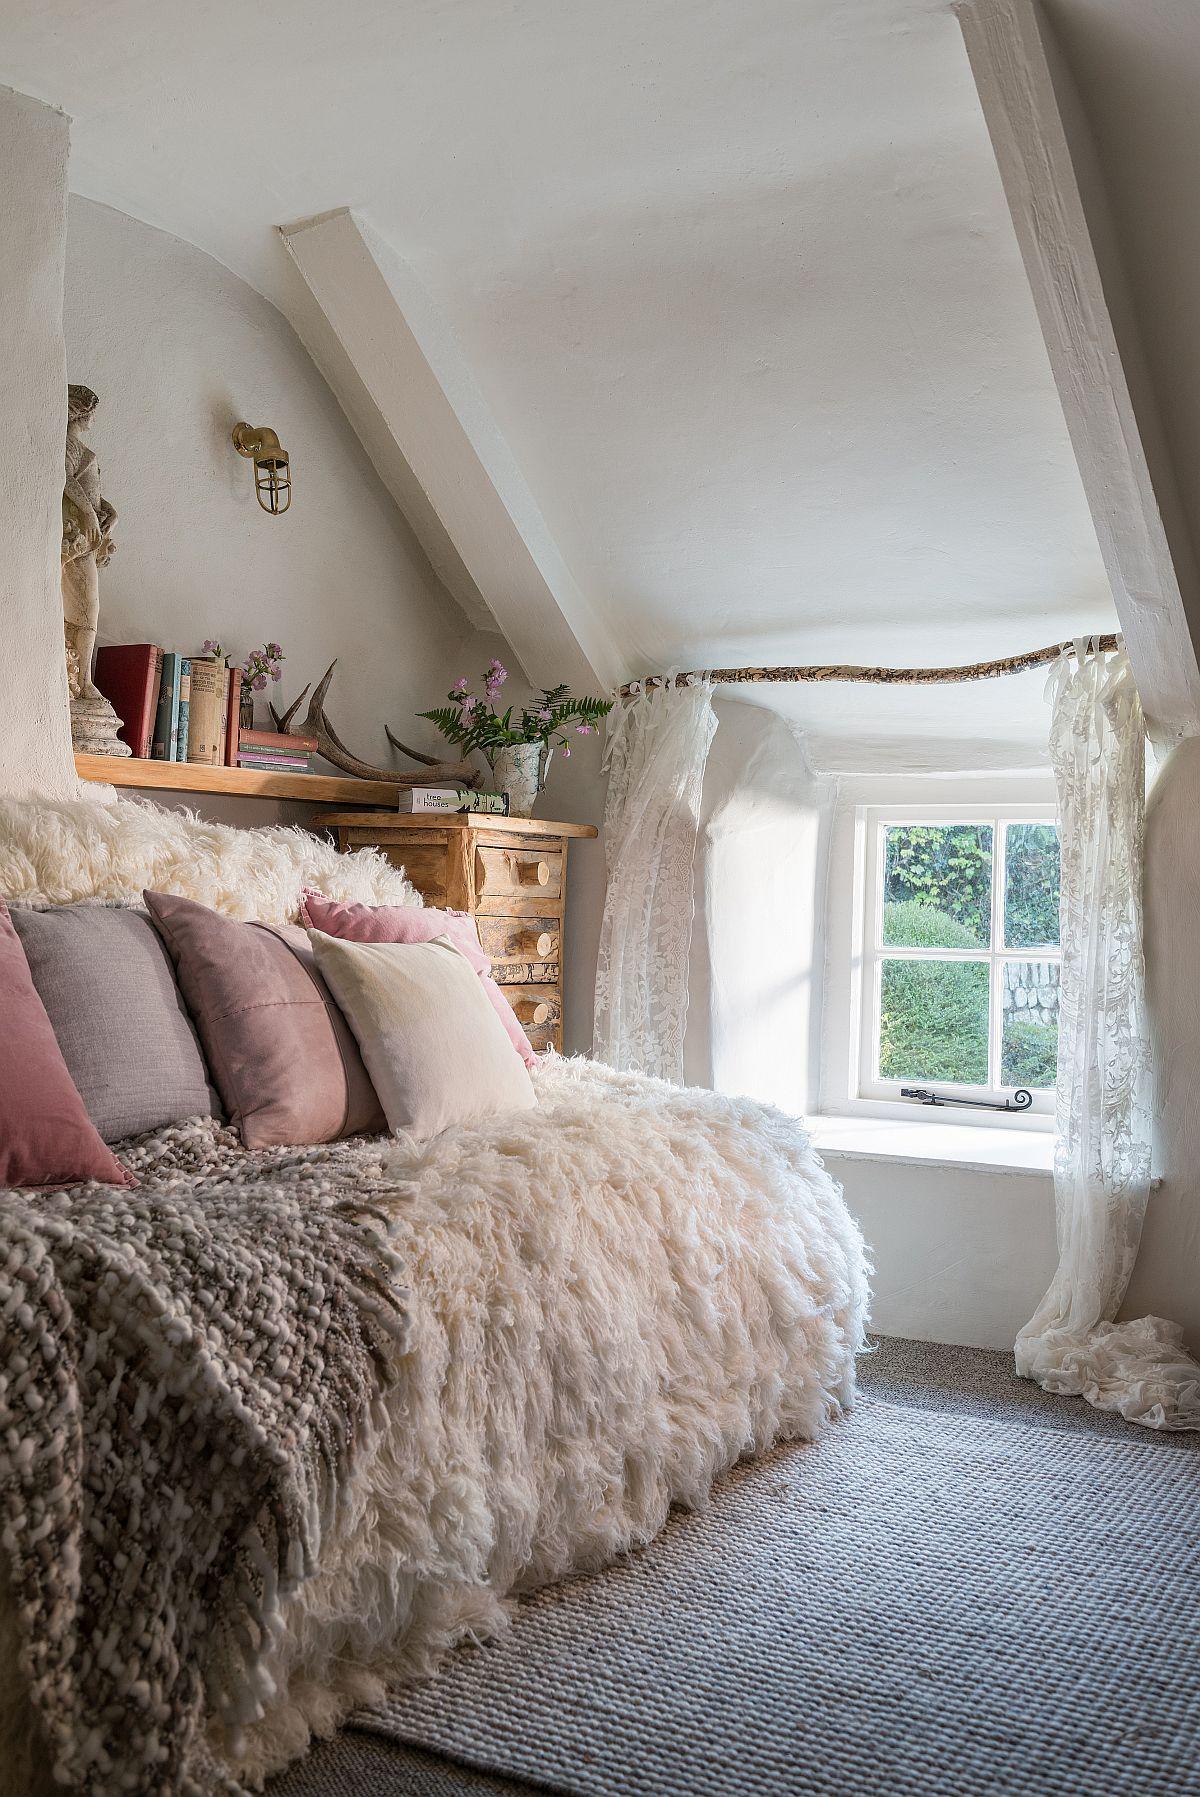 La etaj mai există un mic dormitor pentru o persoană, feminin amenajat.